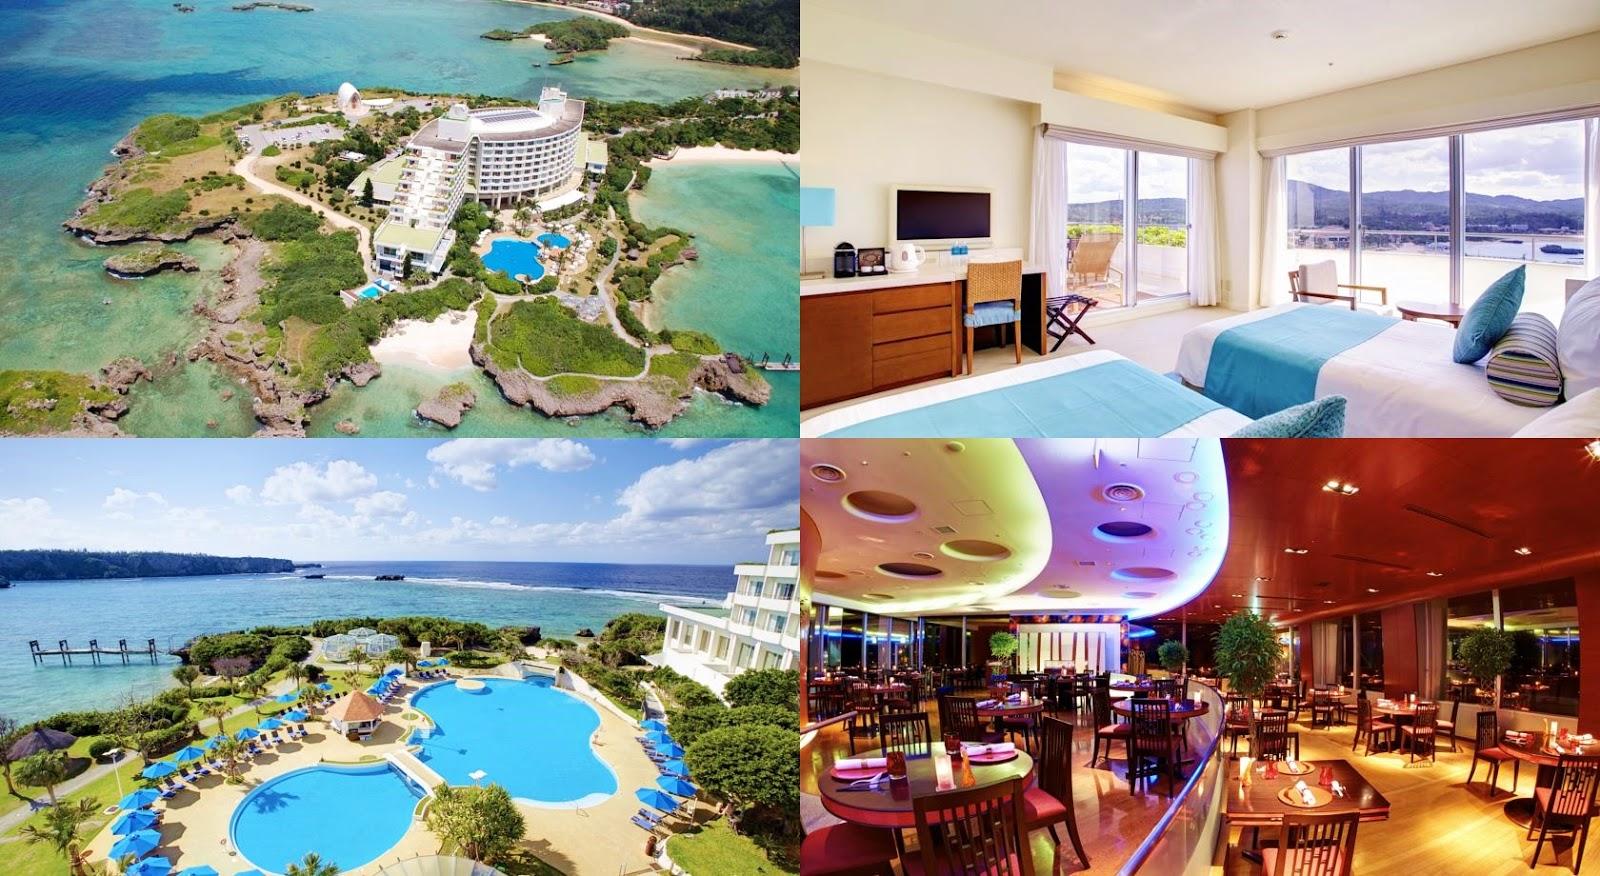 沖繩-沖繩住宿-推薦-沖繩飯店-沖繩旅館-沖繩民宿-沖繩公寓-沖繩酒店住宿-住宿-沖繩必住住宿-ANA萬座海濱洲際酒店-ANA-InterContinental-Manza-Beach-Resort-Okinawa-hotel-recommendation